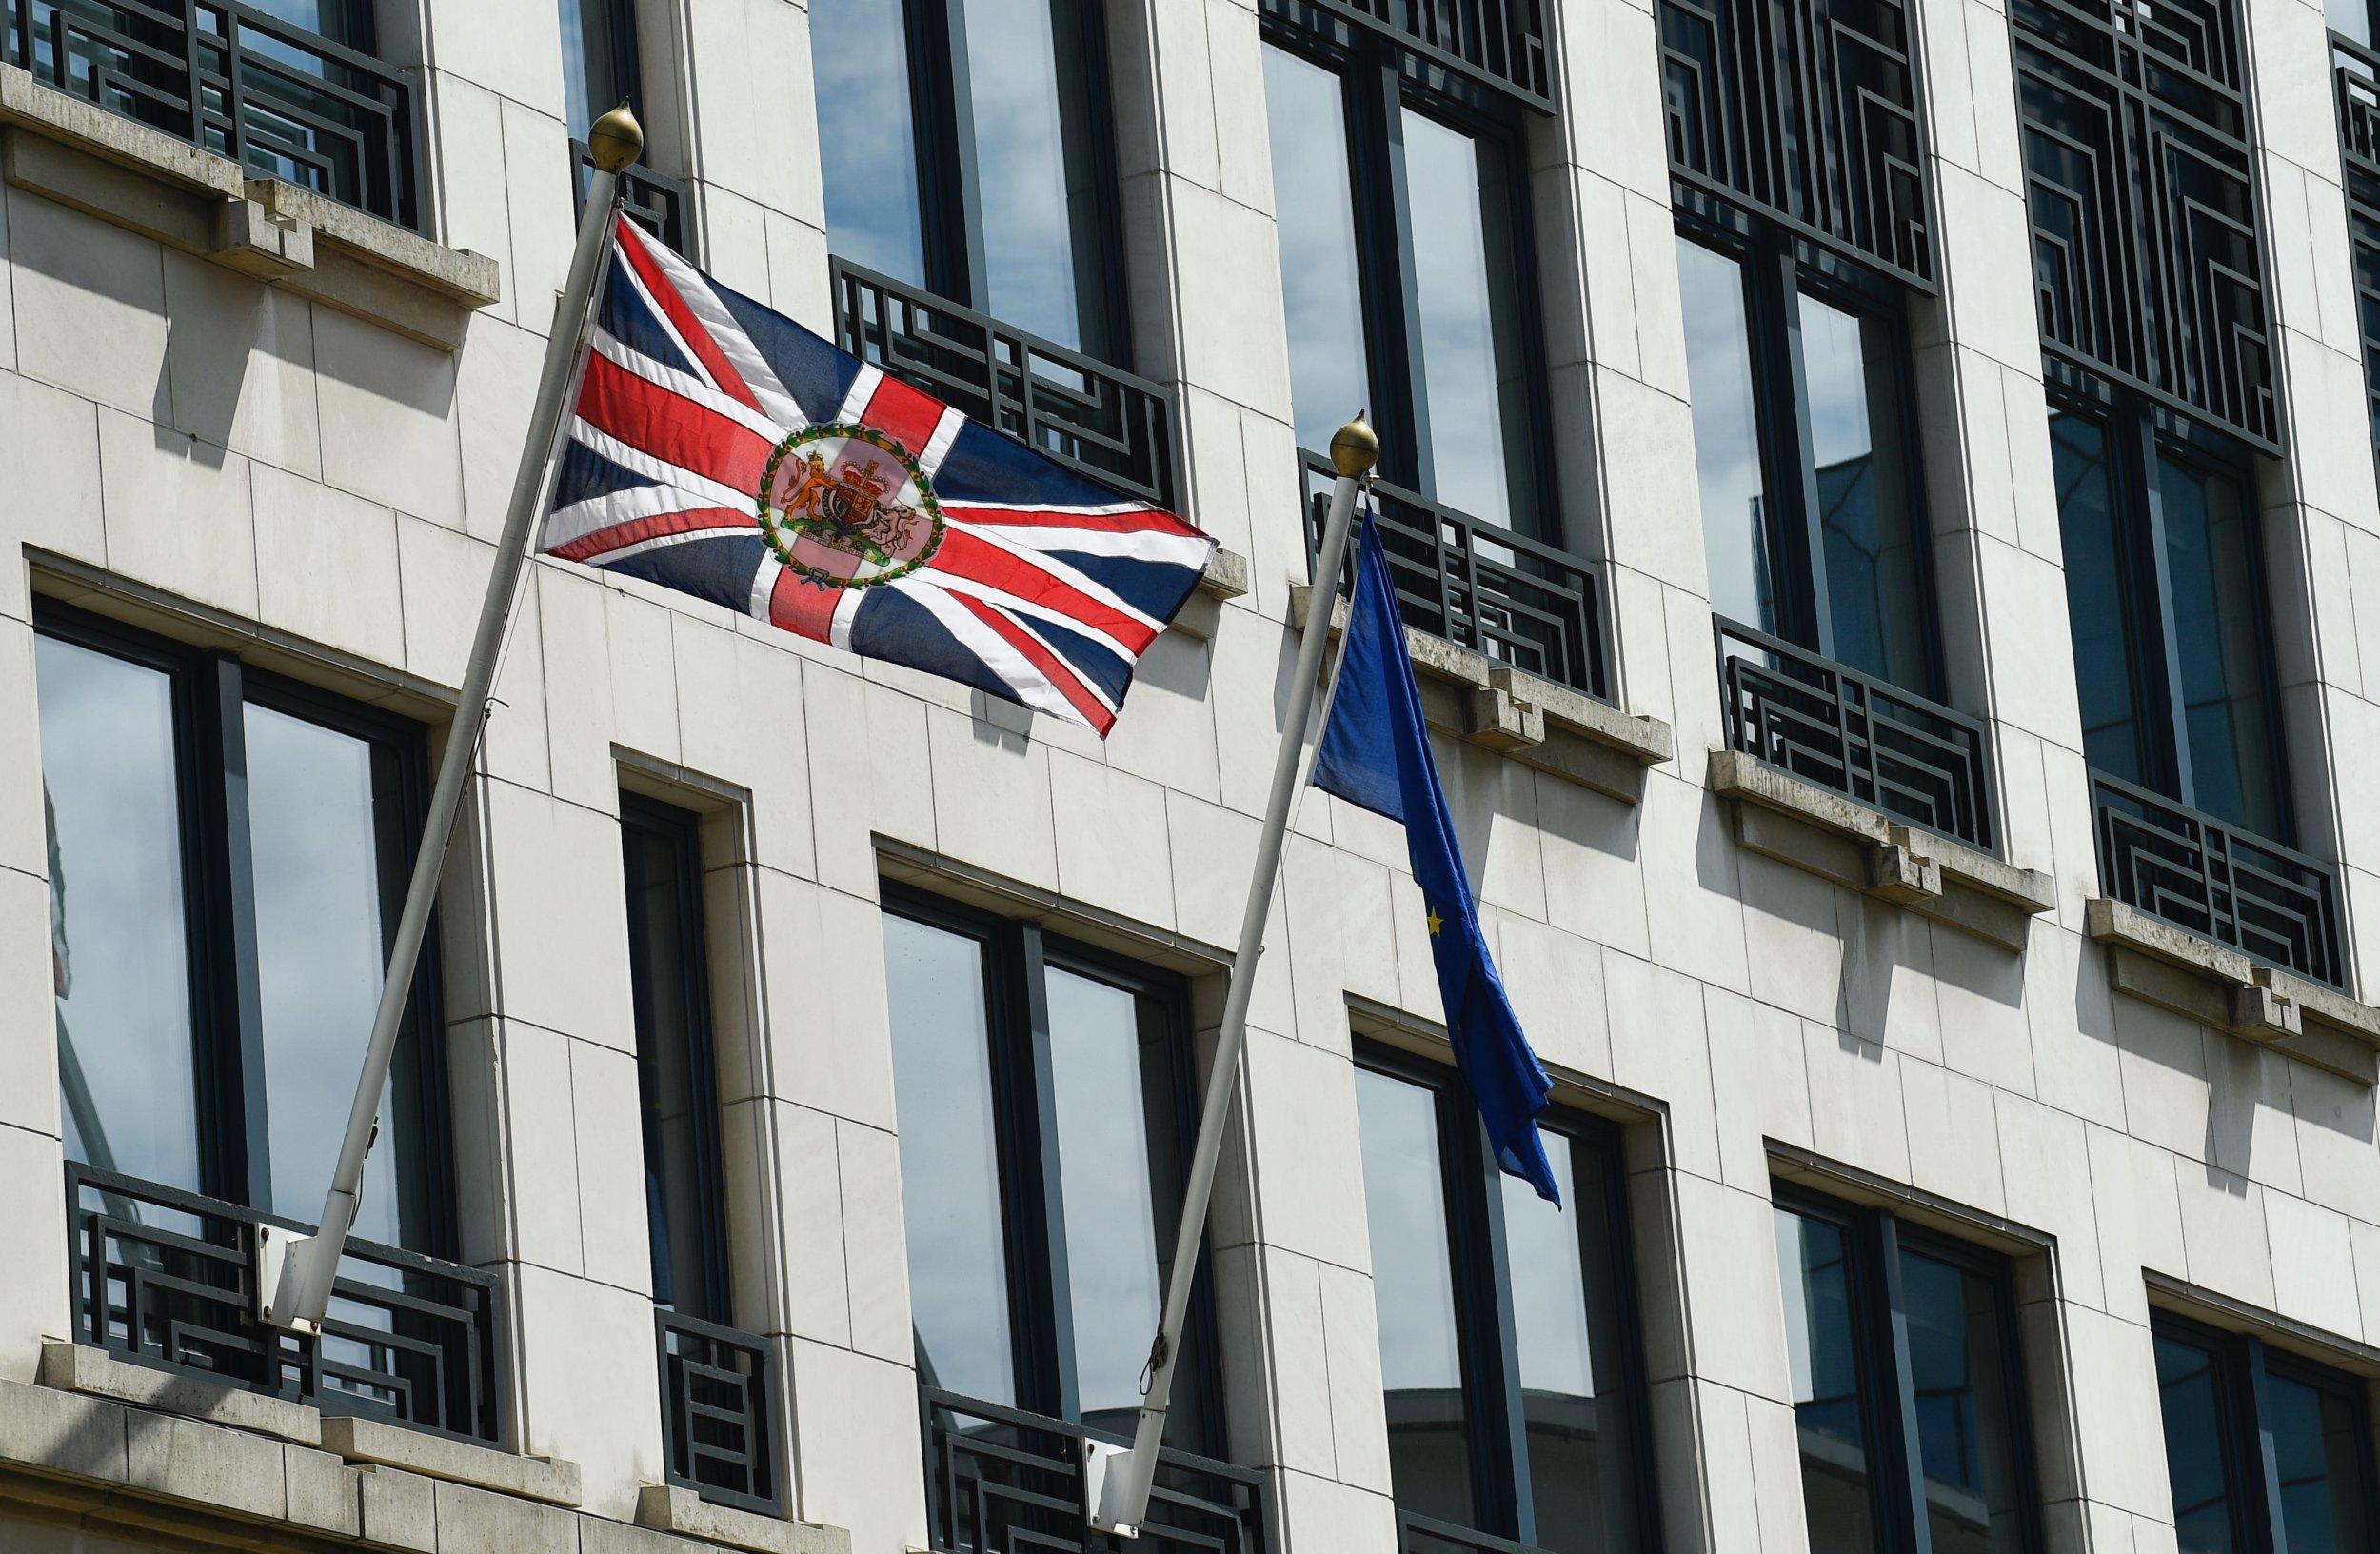 U.K. and EU flags in Brussels